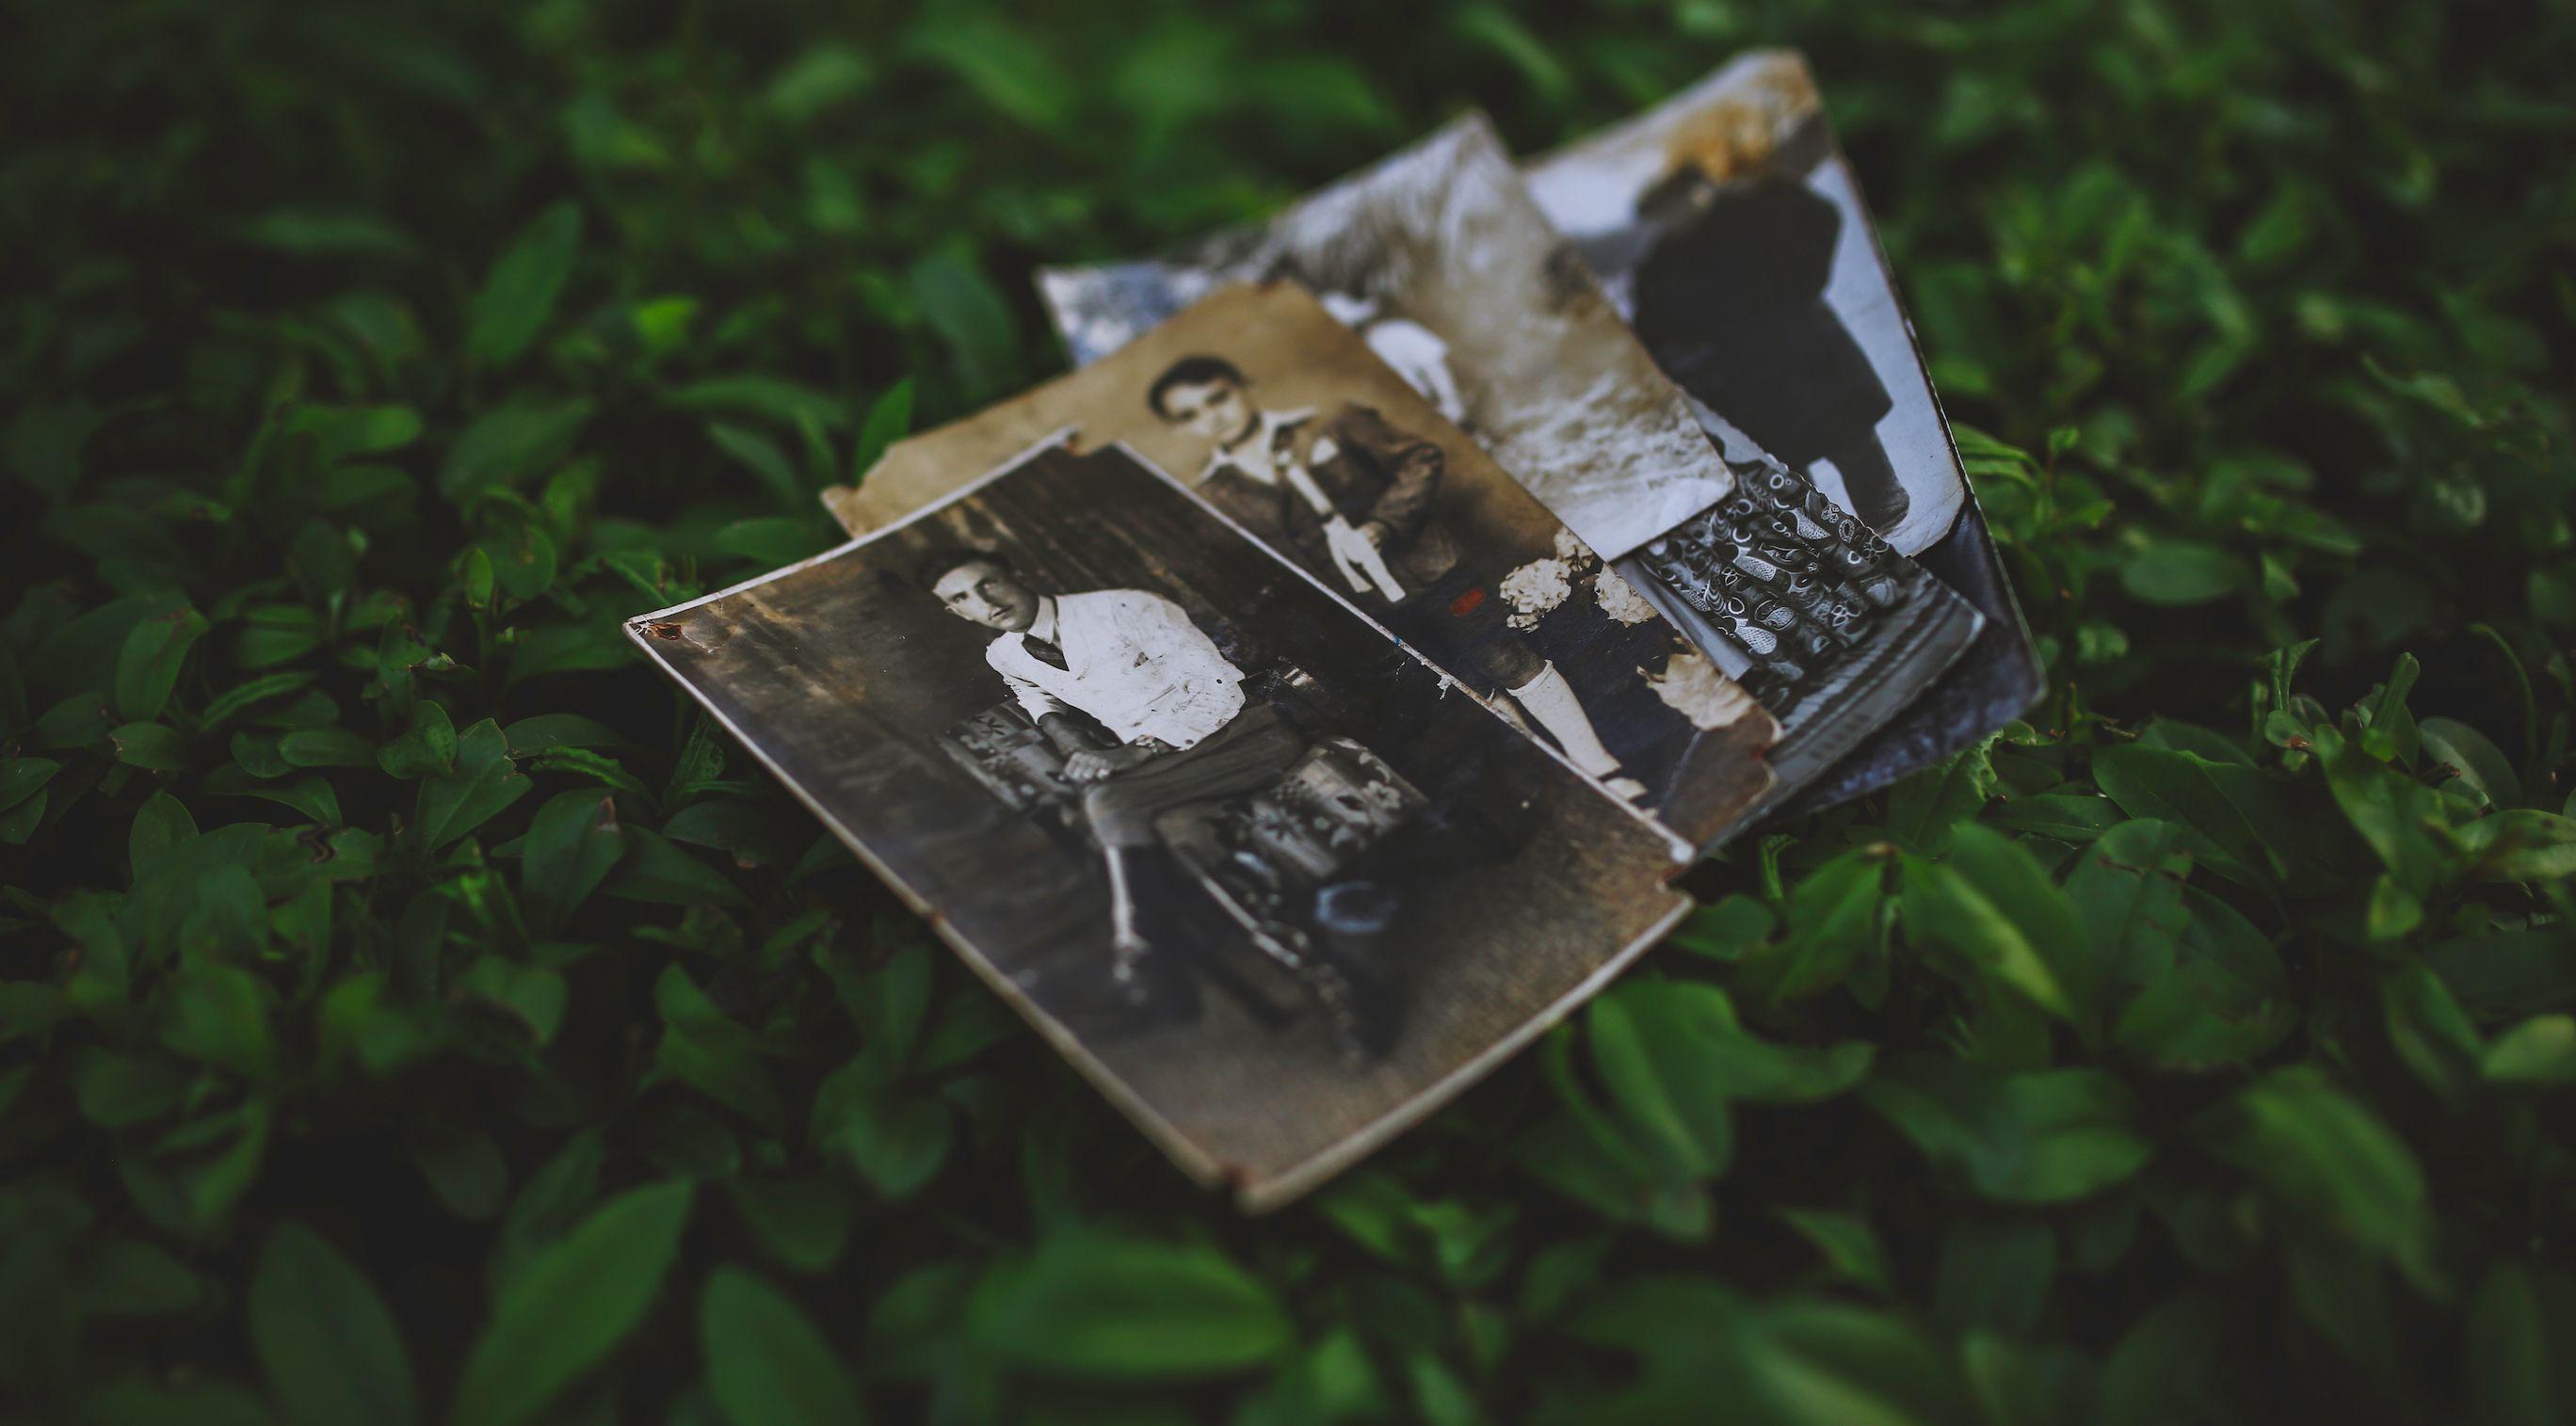 Kostenlos nutzbare Fotos